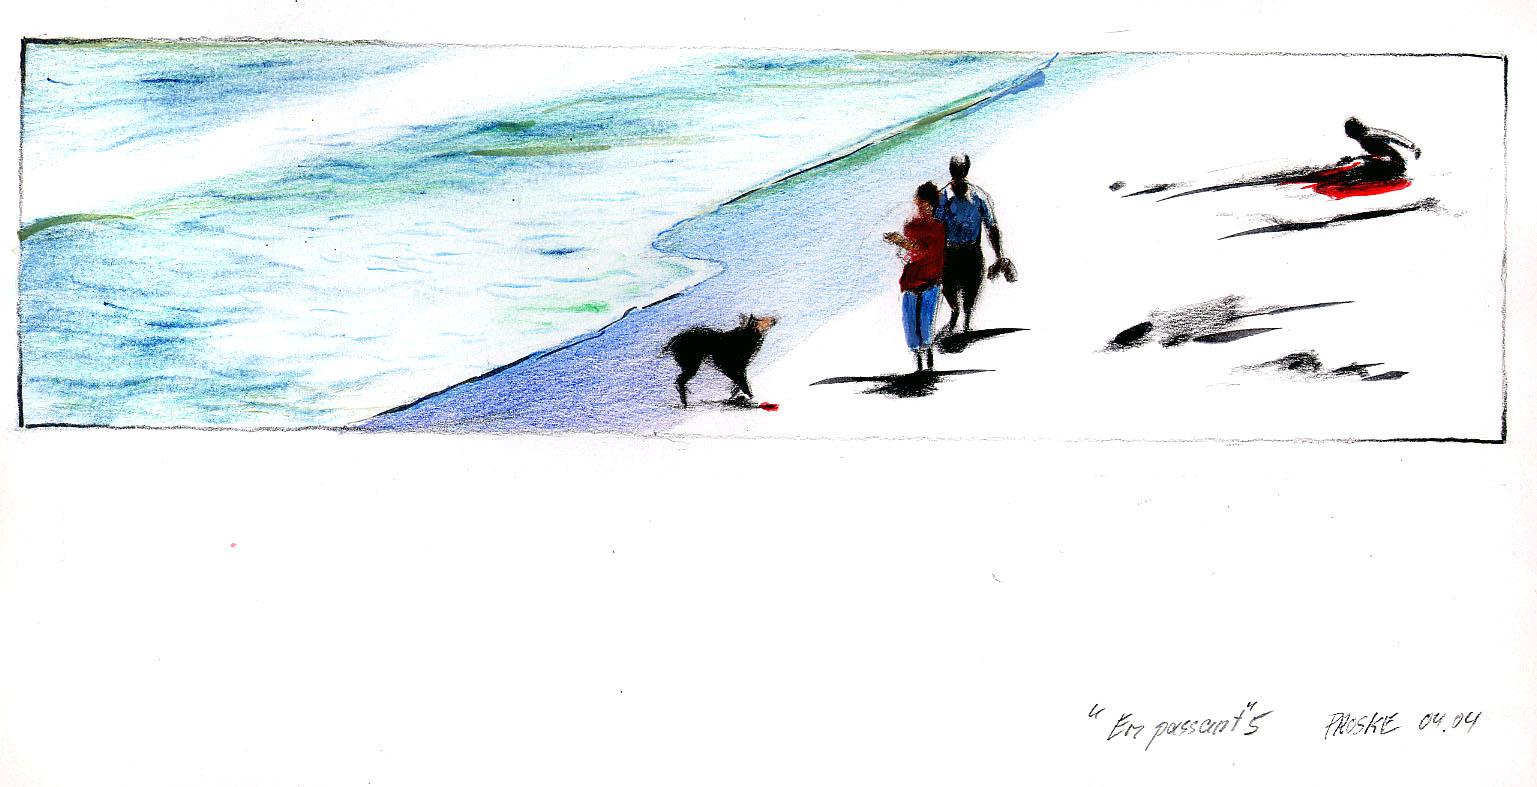 en passant 5,30 x 40. Farbstift:Papier, 2004.jpg